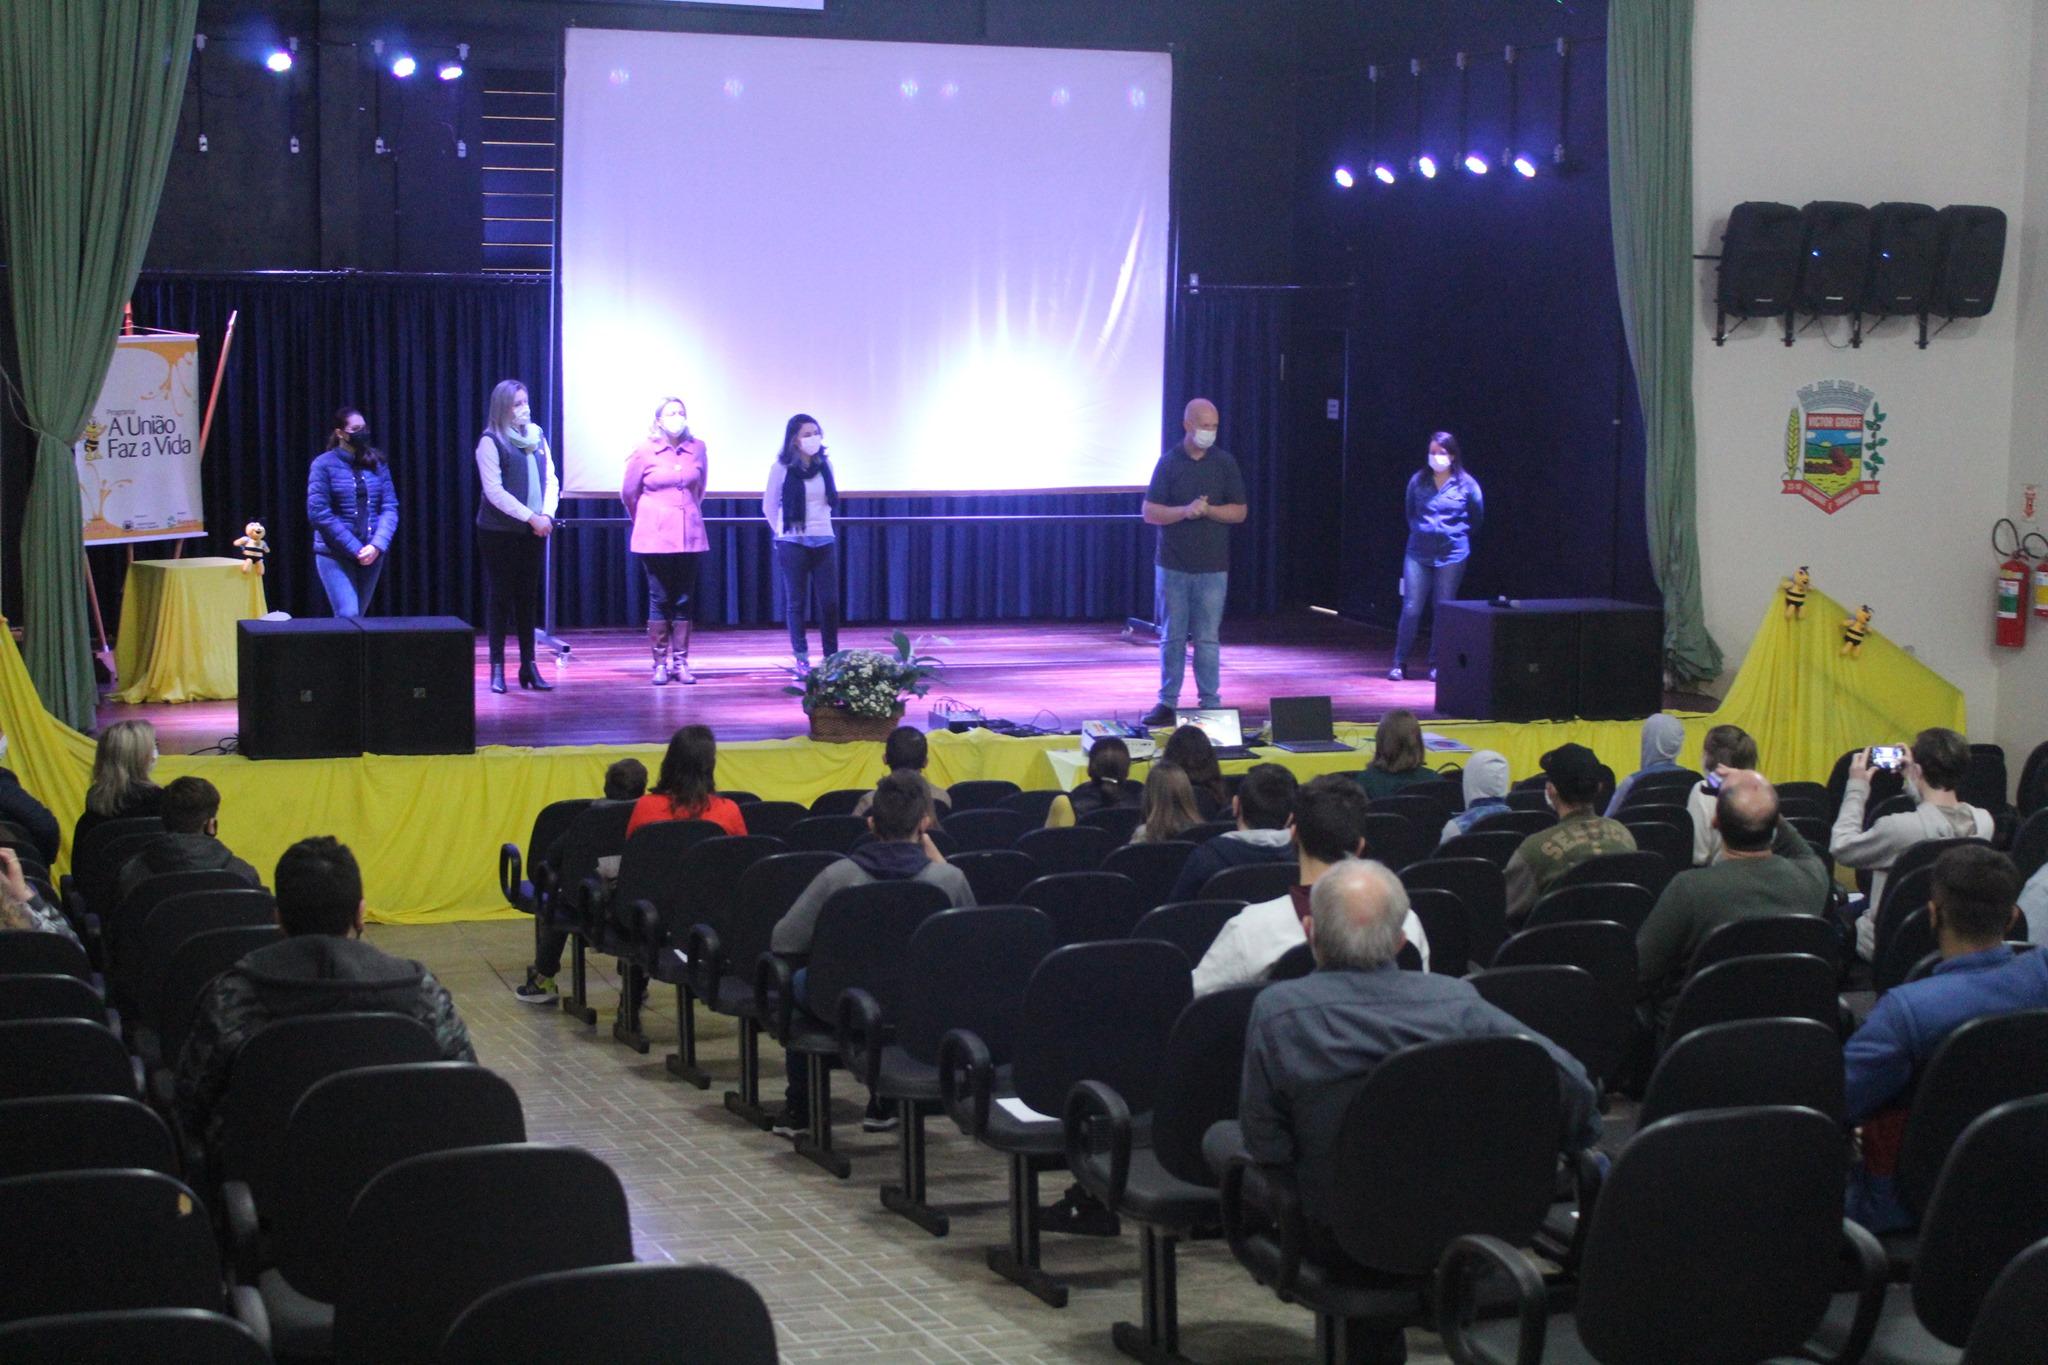 Evento de mobilização para constituição da Cooperativa Escolar da EMEF Leonel de Moura Brizola foi feito hoje, dia 28